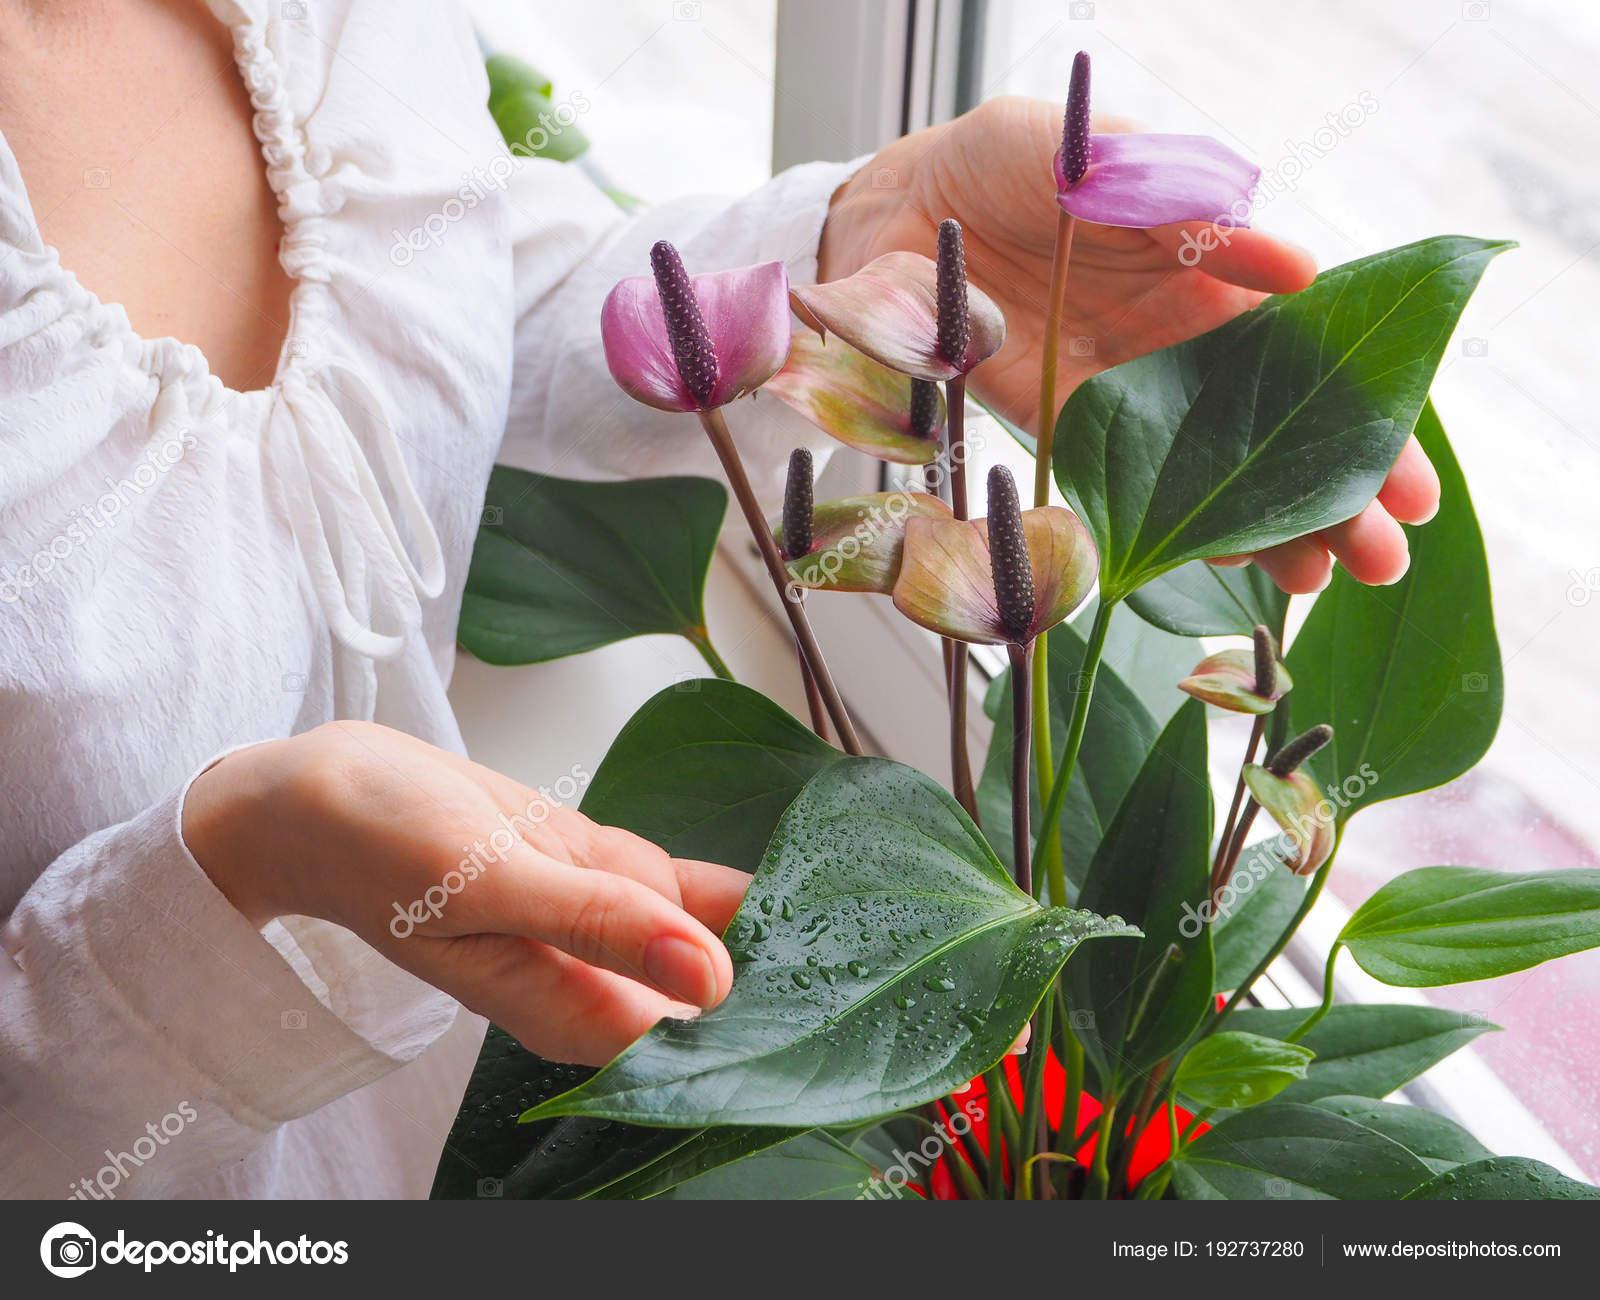 Reproduccion Las Plantas Interior Jardinero Hembra Mantiene Flor - Plantas-interior-con-flor